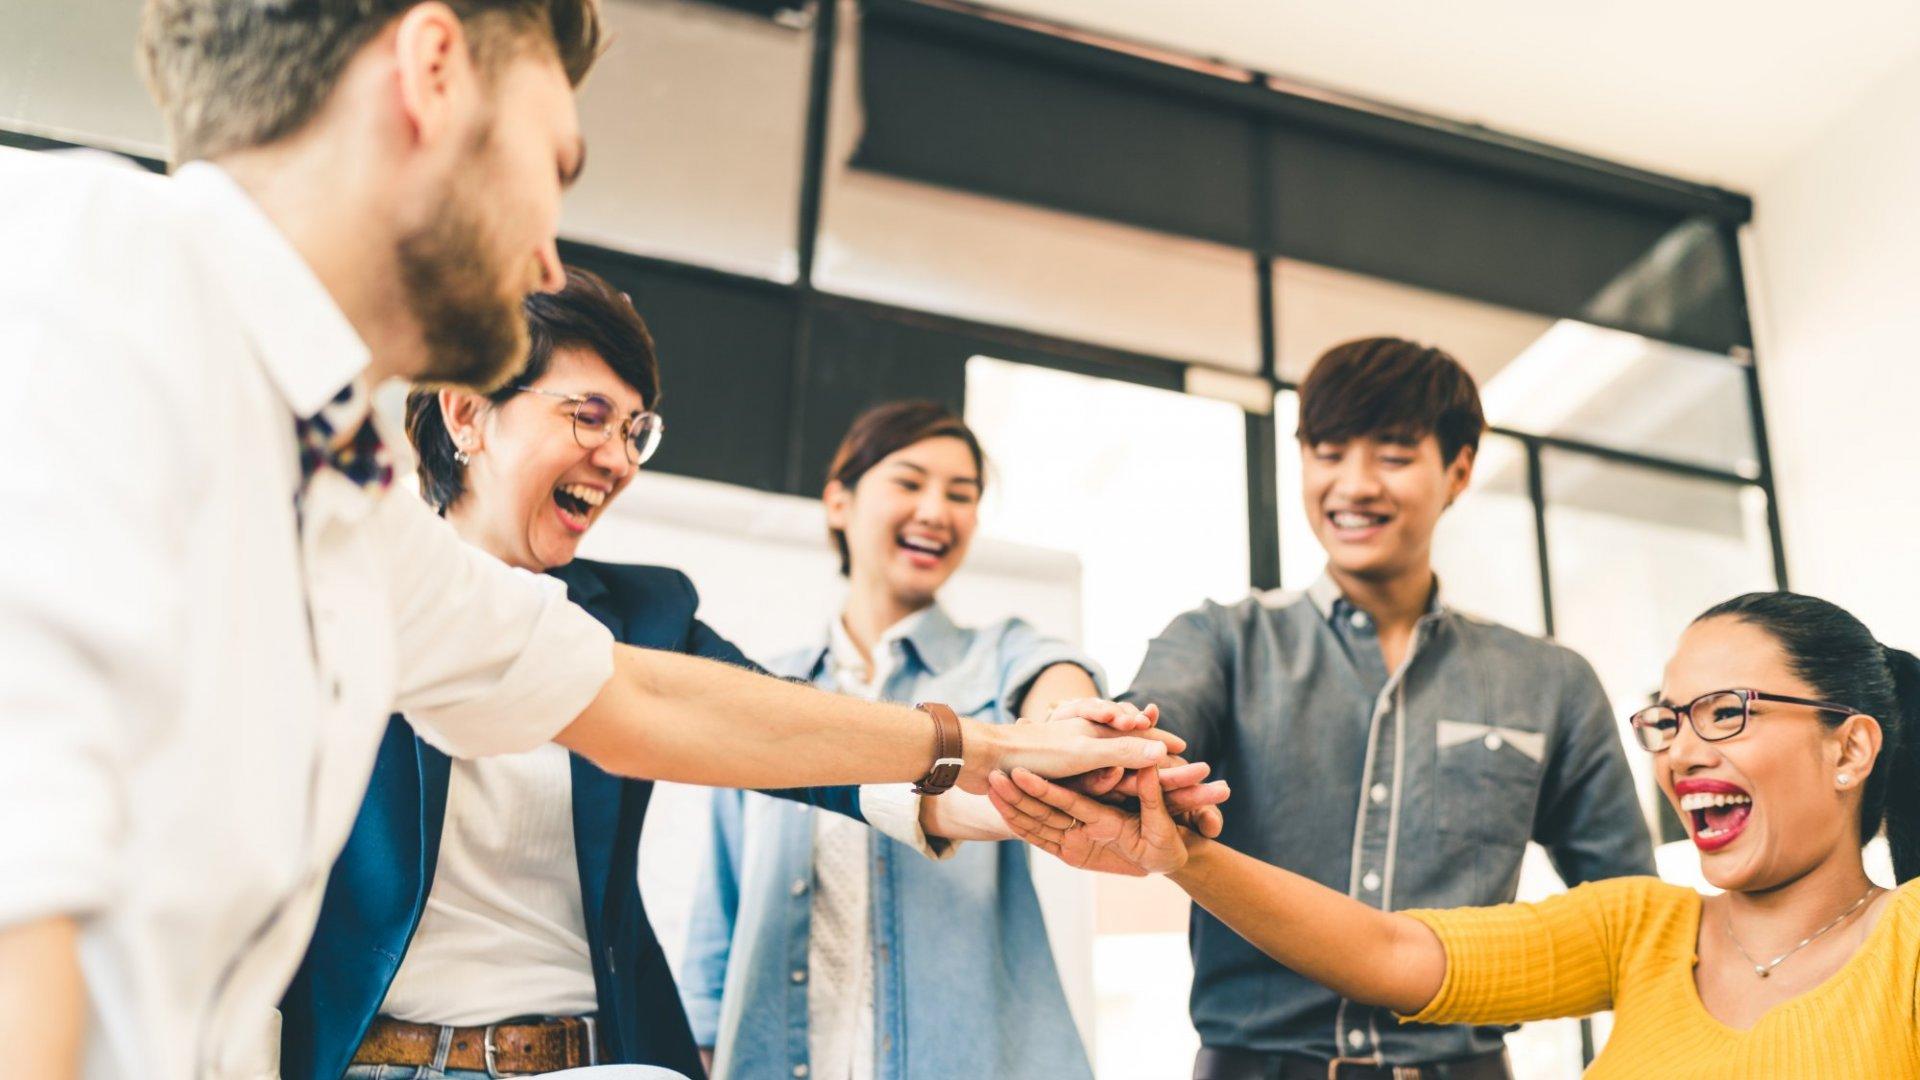 3 Simple Ways Great Bosses Lead Their Teams